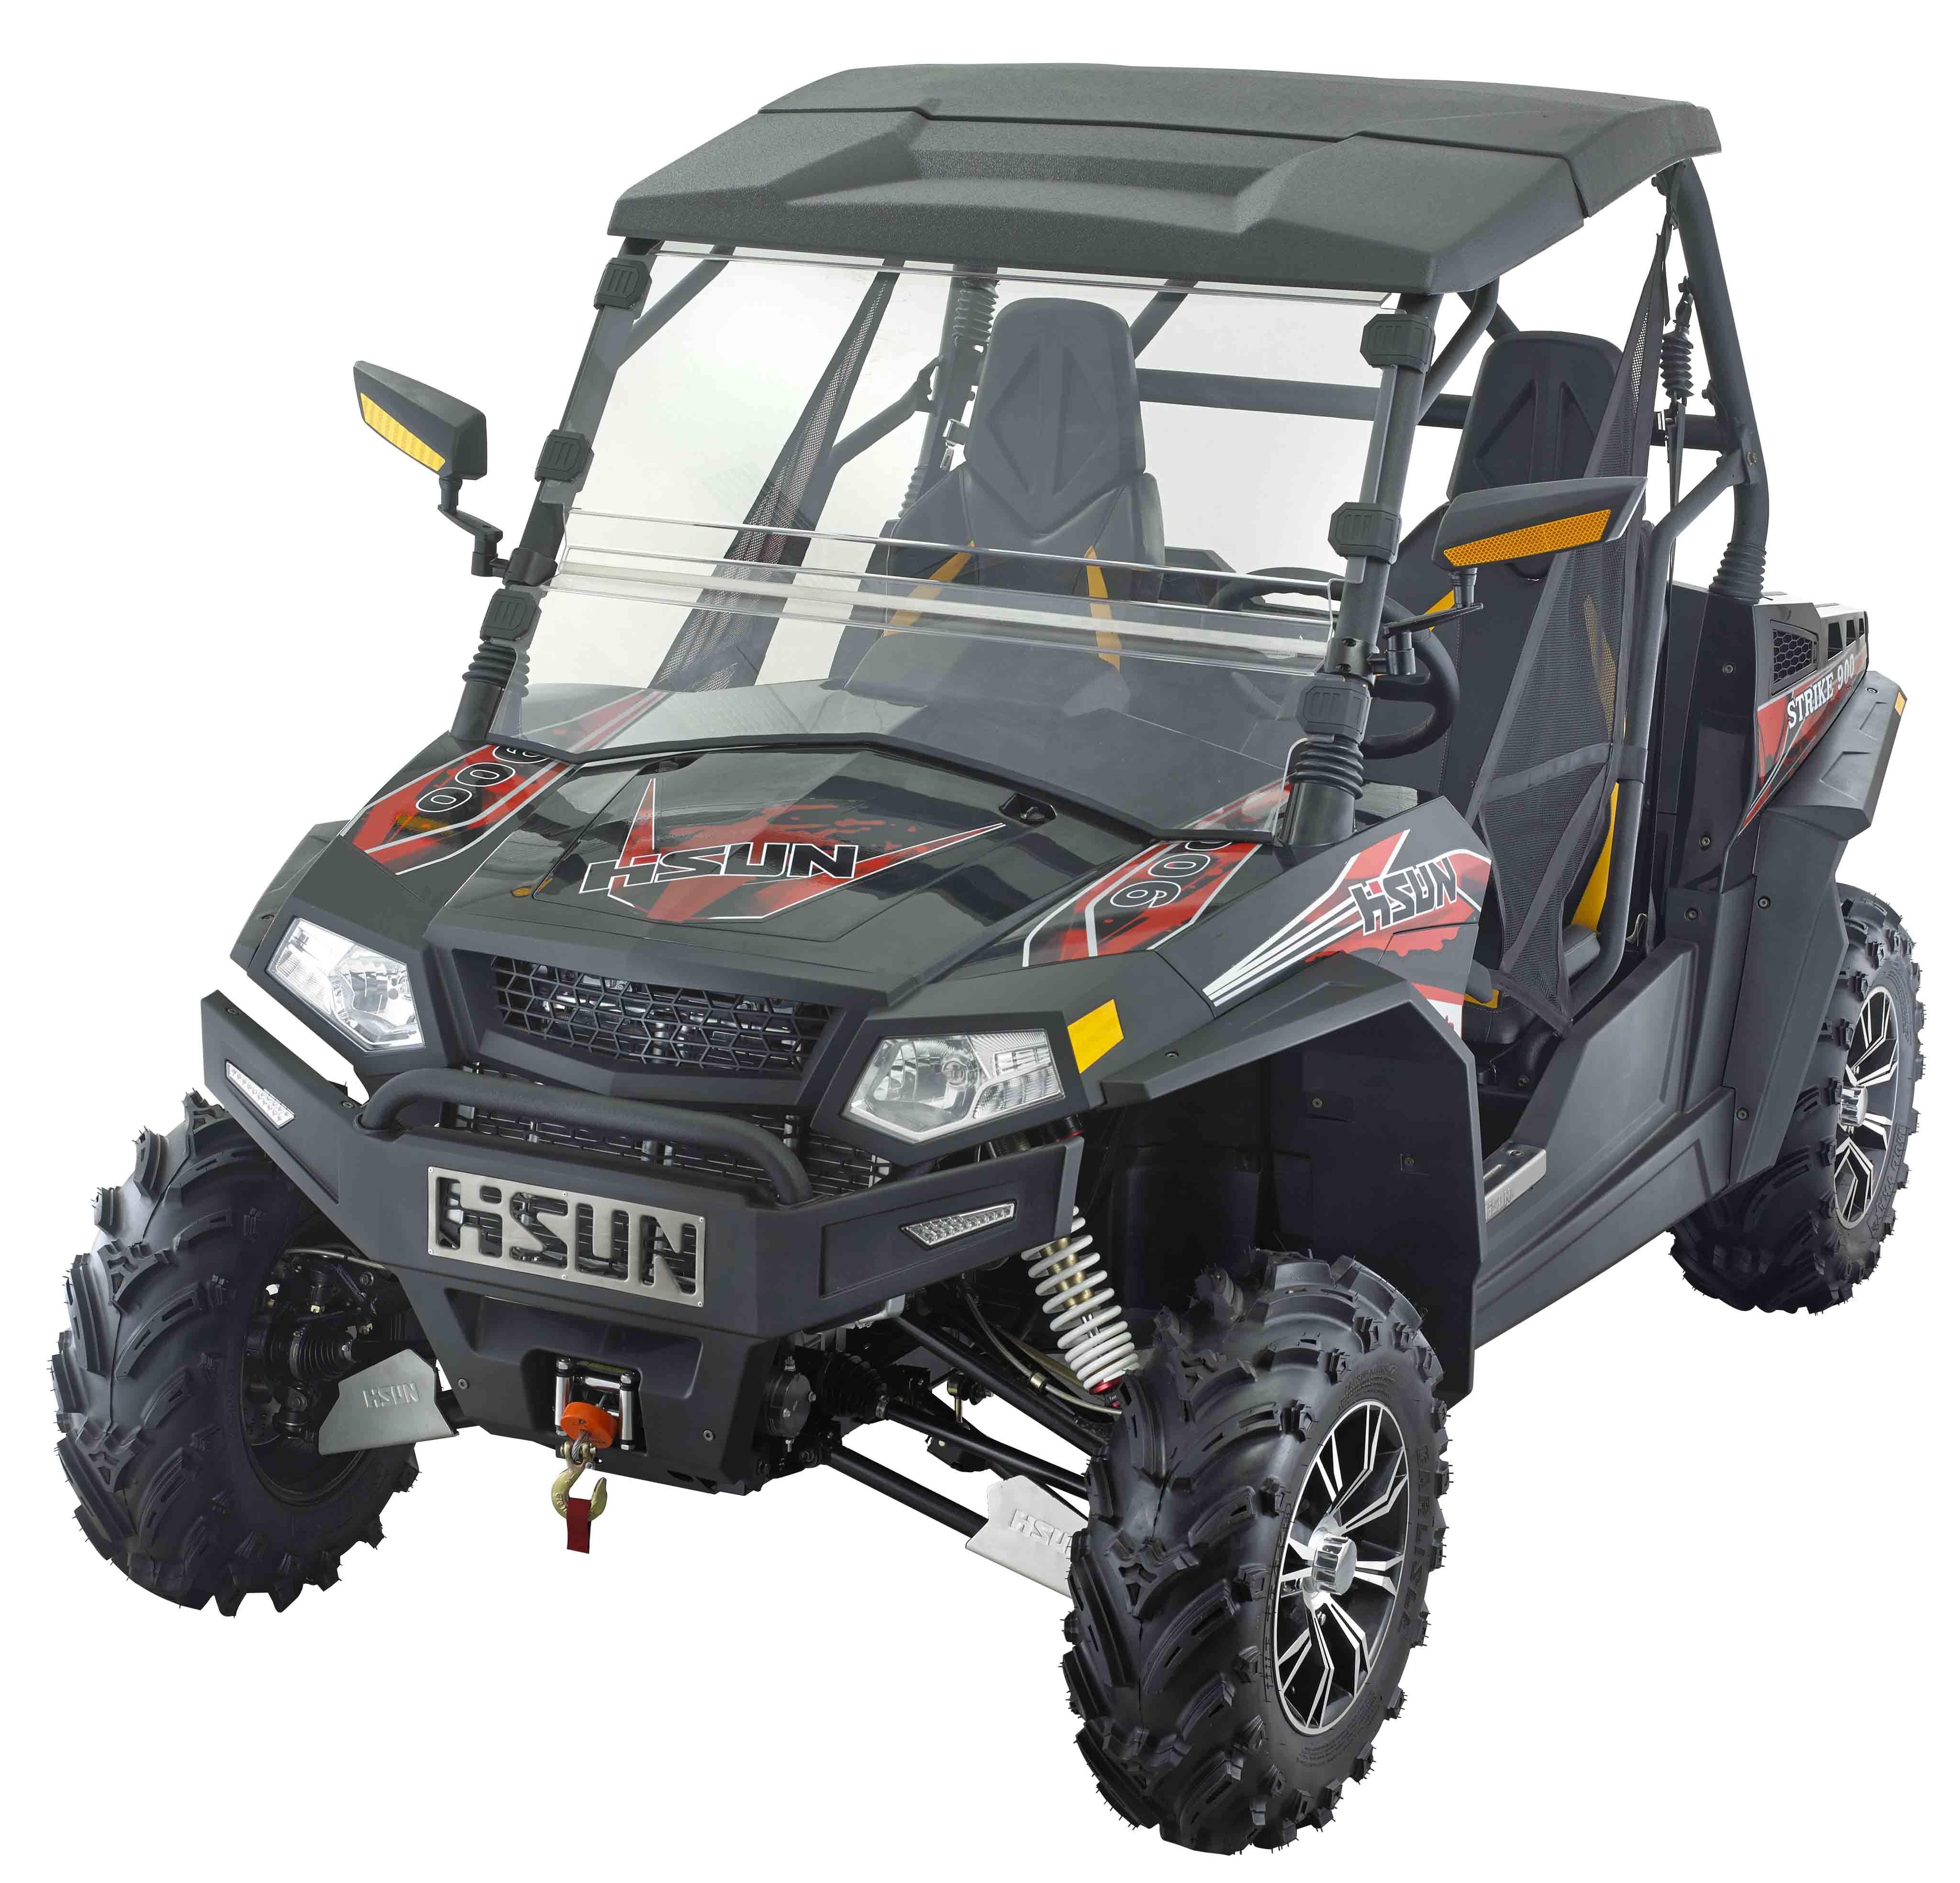 China 924cc Four Wheel Utility Vehicle 2 Passenger Farm Cart Atv Utv China Utility Vehicle And Utv Price